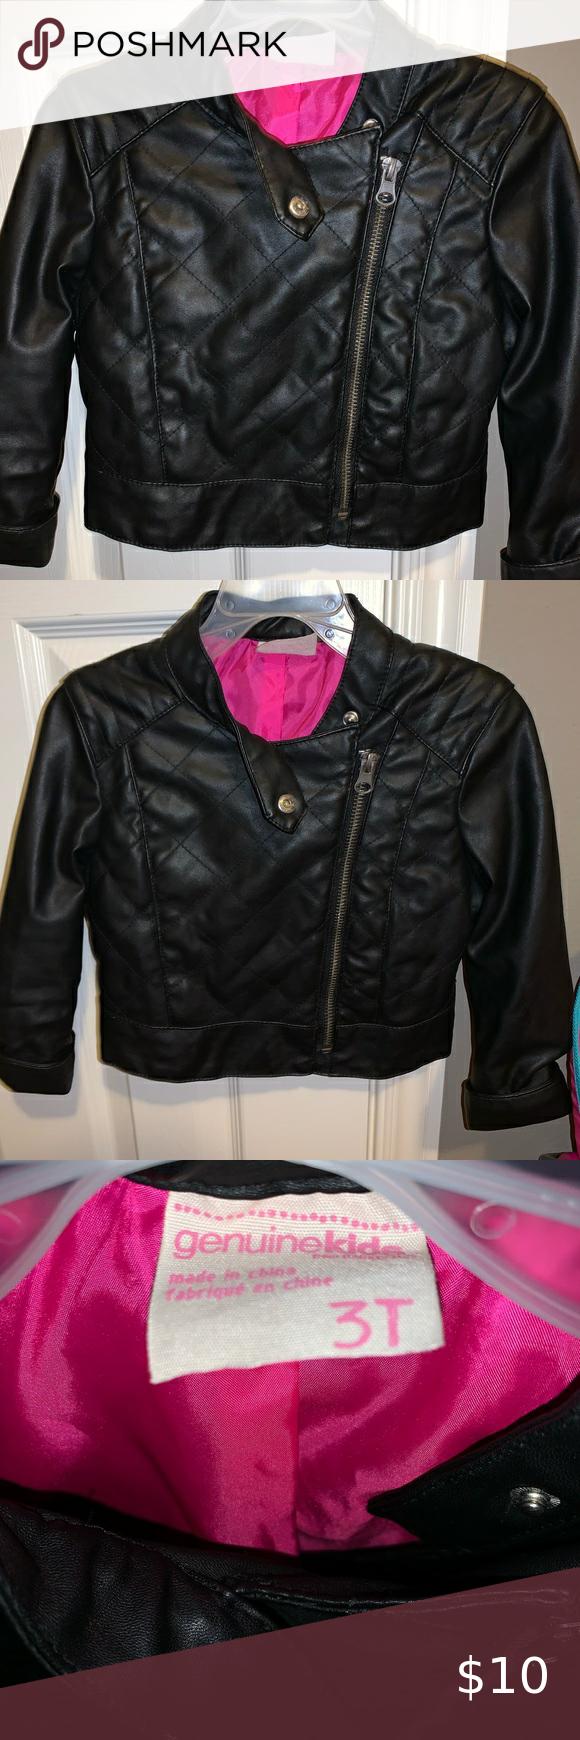 Toddler Girls Leather Jacket Leather Jacket Girl Leather Jacket Jackets [ 1740 x 580 Pixel ]